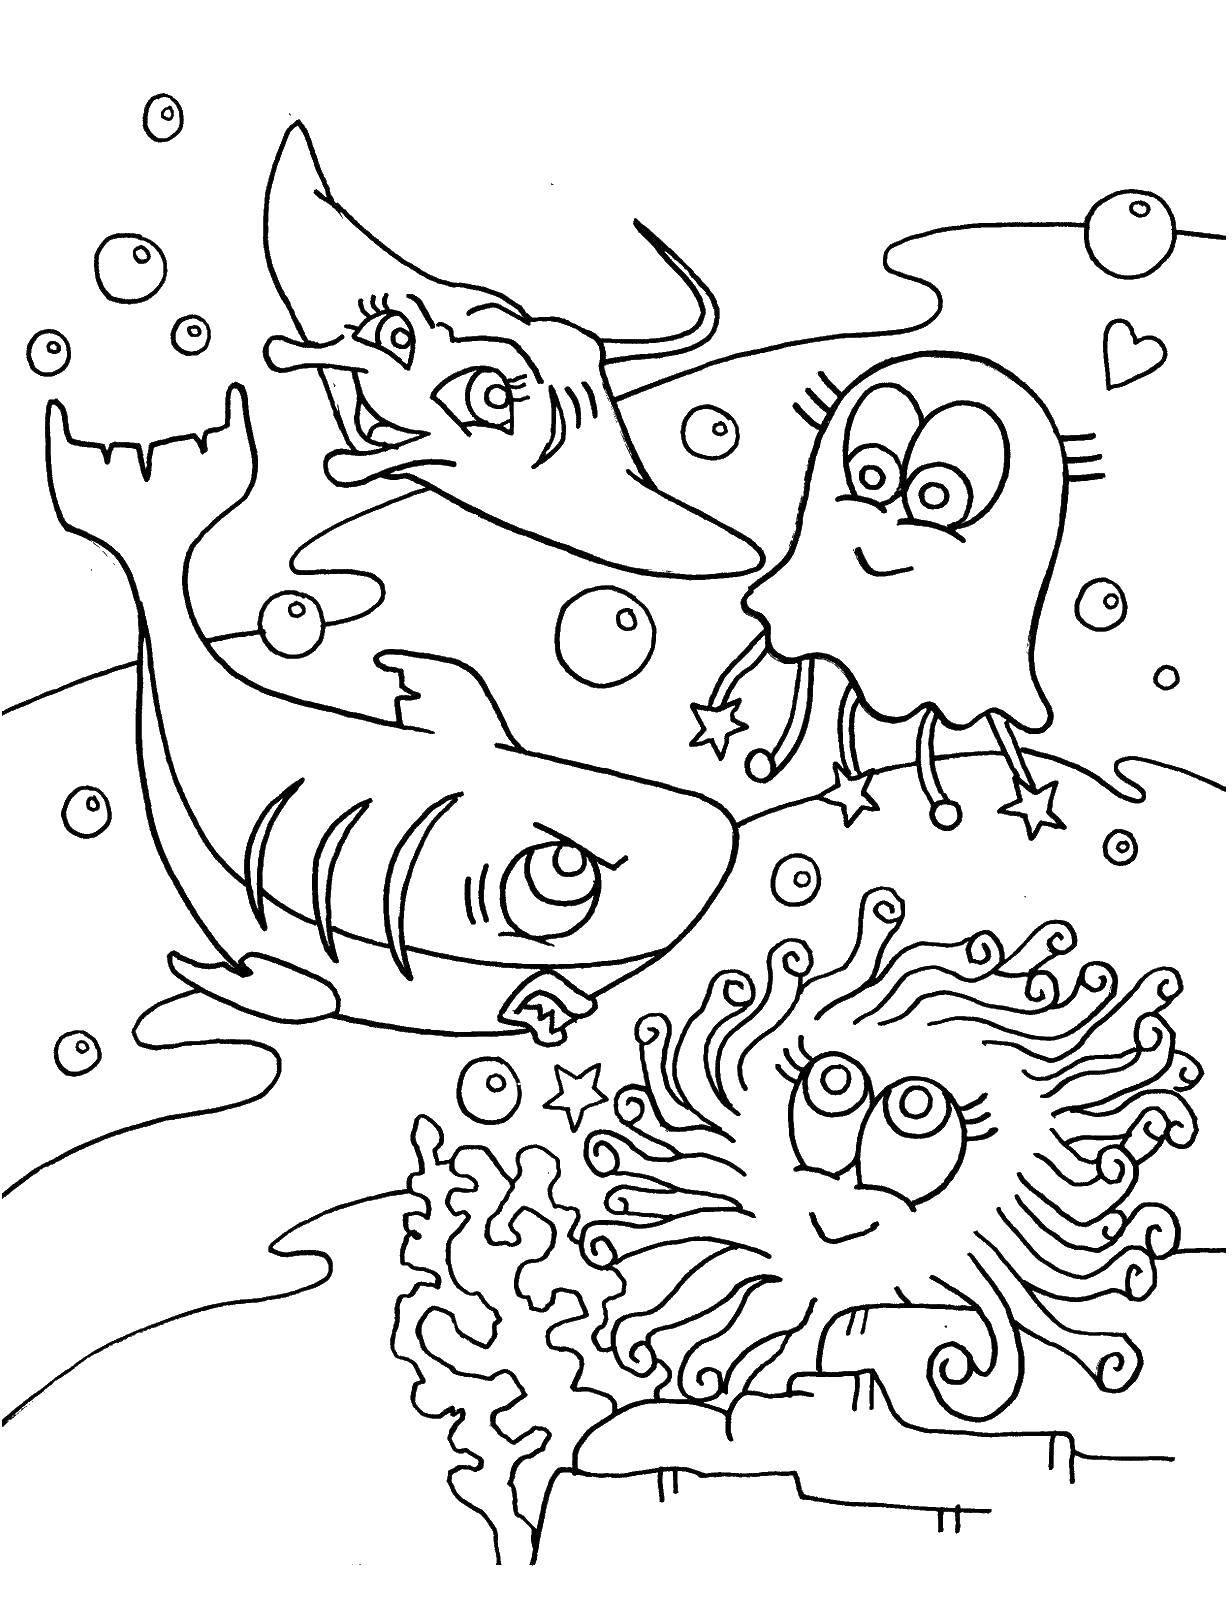 Осьминог, акула, медуза и скат играют под водой